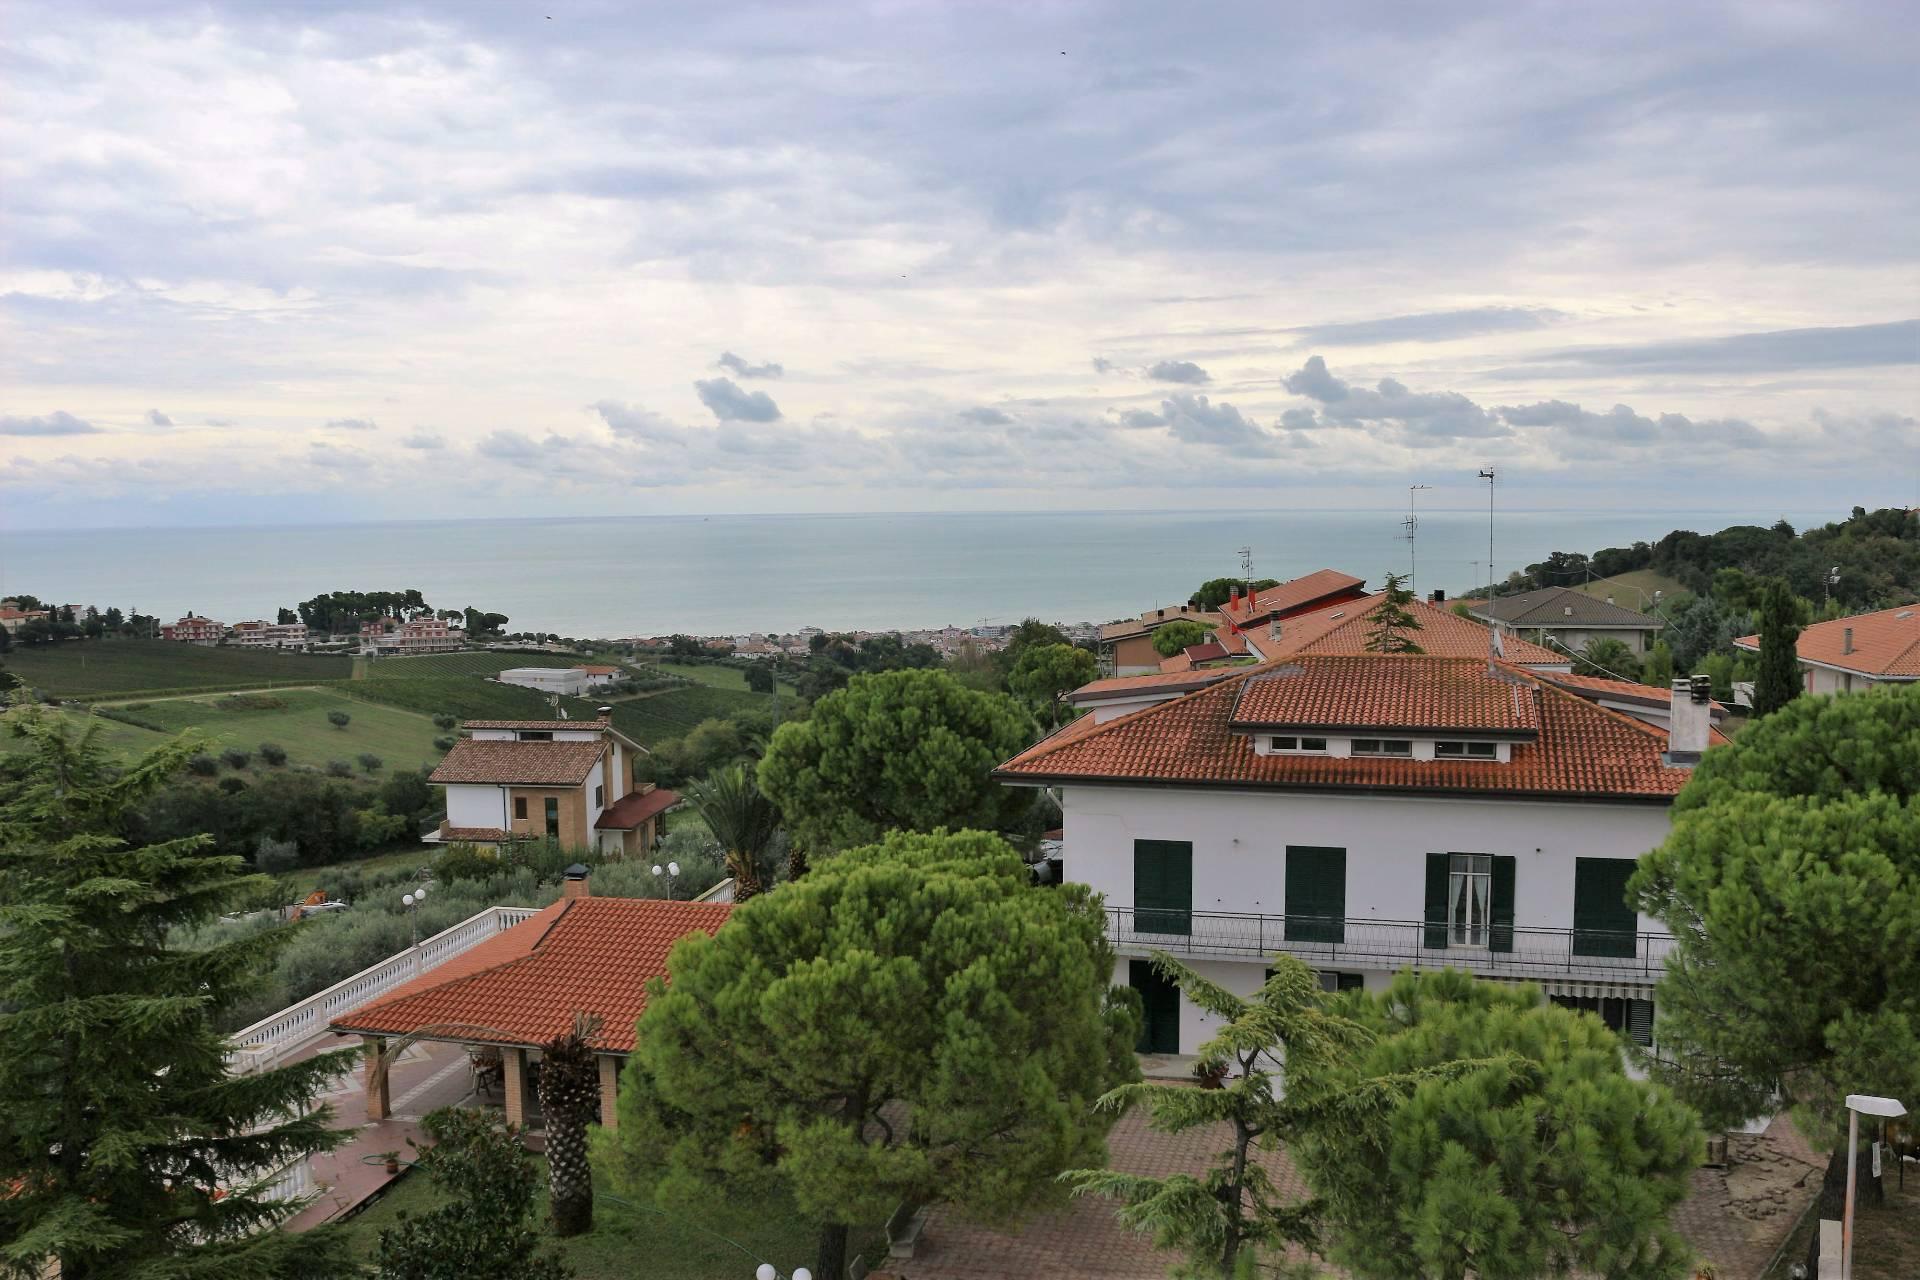 Appartamento in vendita a Tortoreto, 3 locali, zona Località: TortoretoAlta, prezzo € 85.000 | Cambio Casa.it